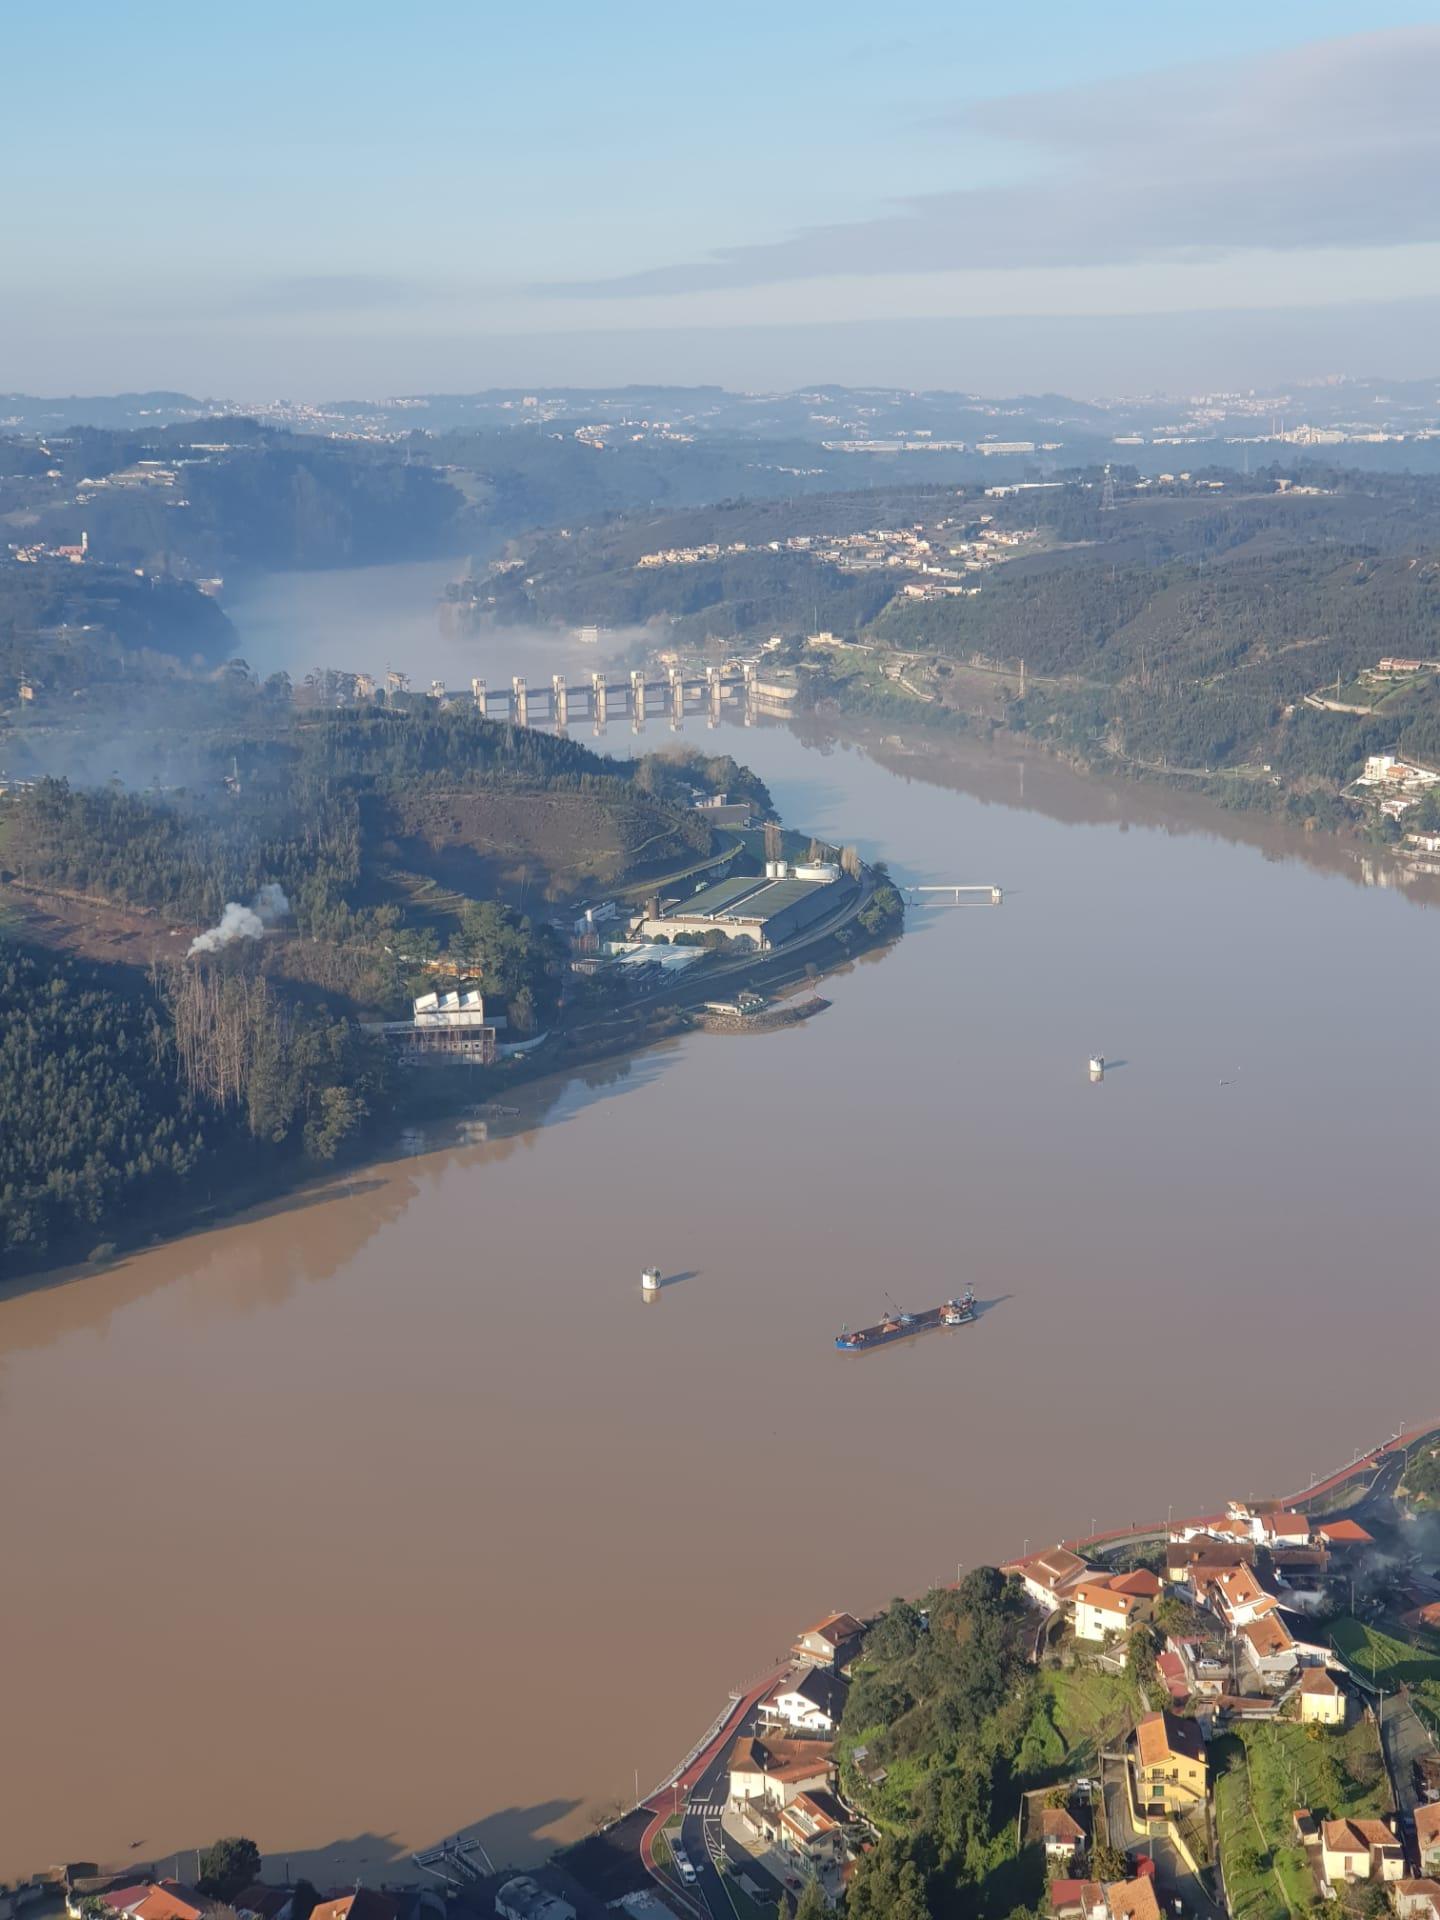 LM-Arquivo-Douro-Paiva-Foto-Aerea-ETA-Lever-062